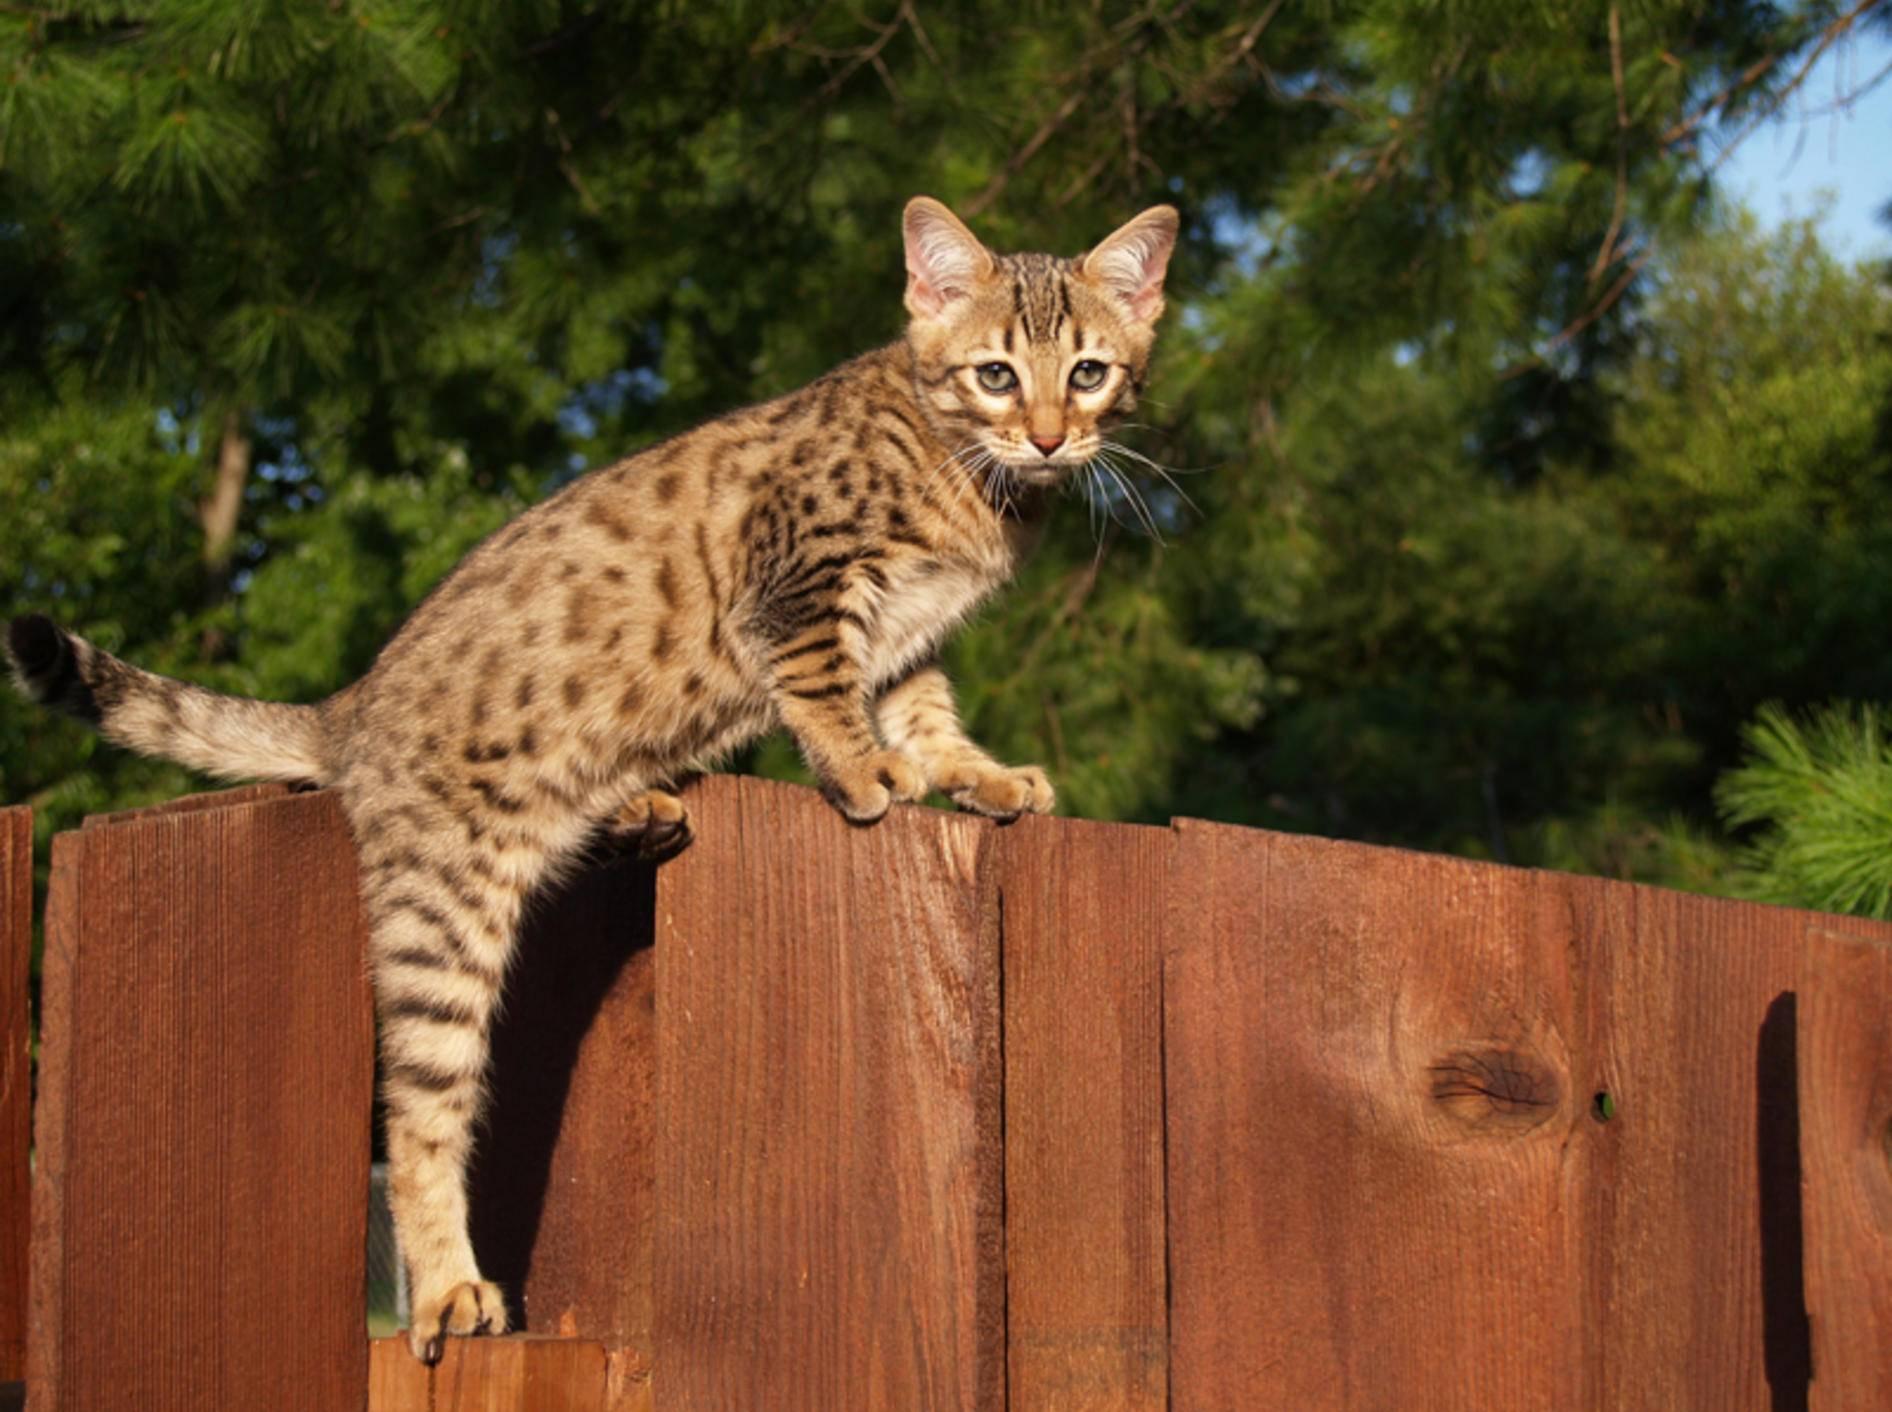 Die Savannah-Katze hat ein freundliches und verspieltes Wesen – Bild: Shutterstock / Lindasj22